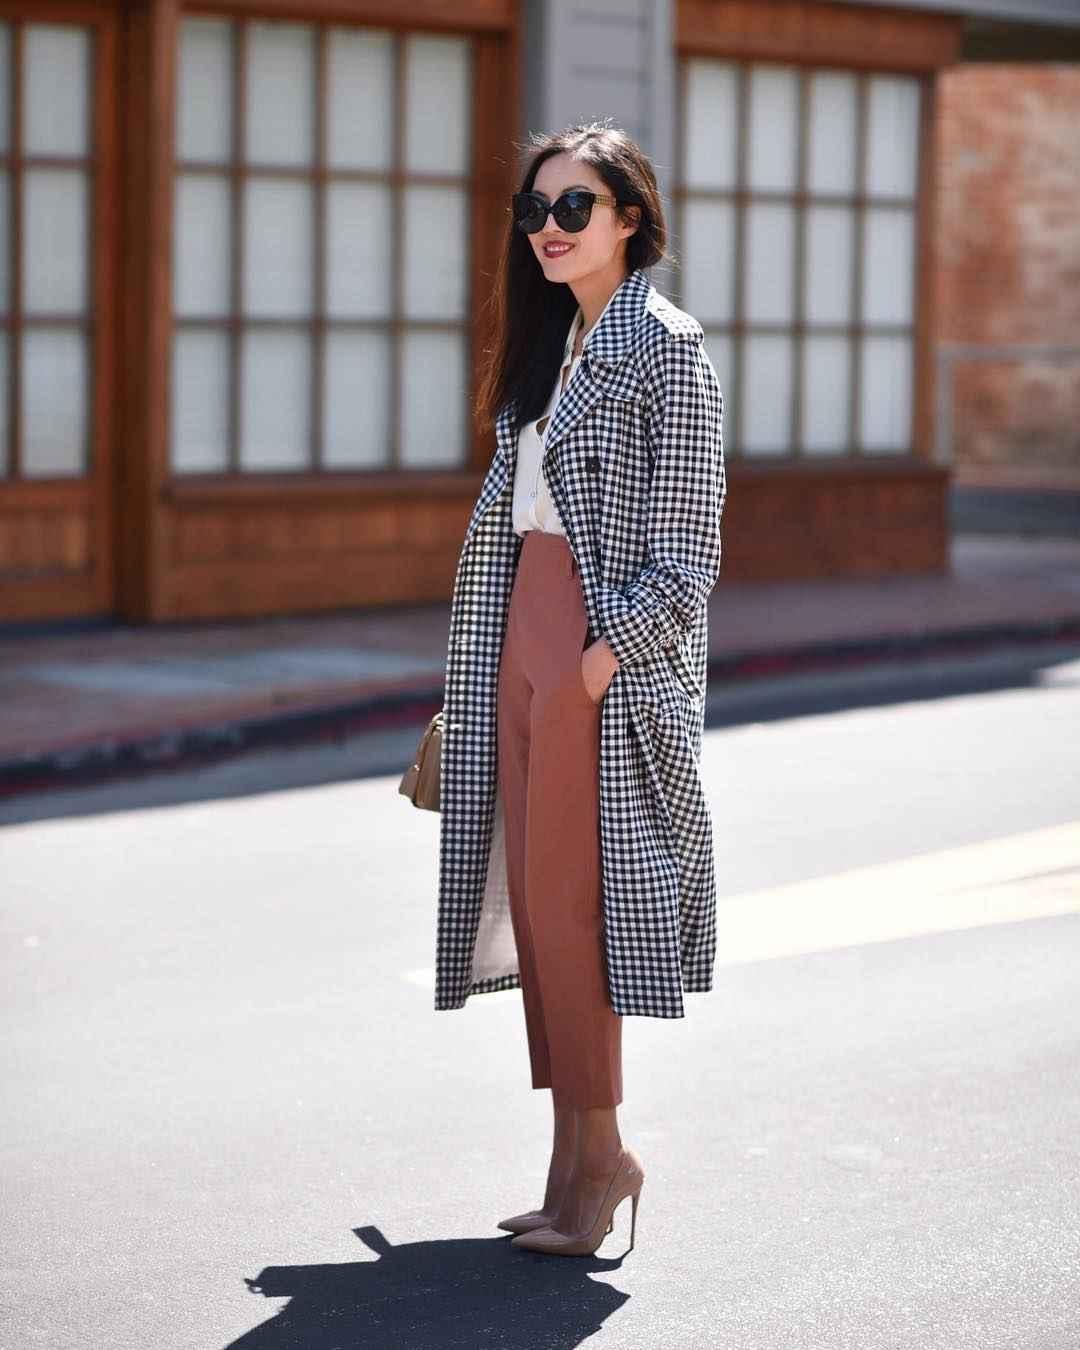 Модный офисный стиль 2019-2020 с брюками фото идеи_7